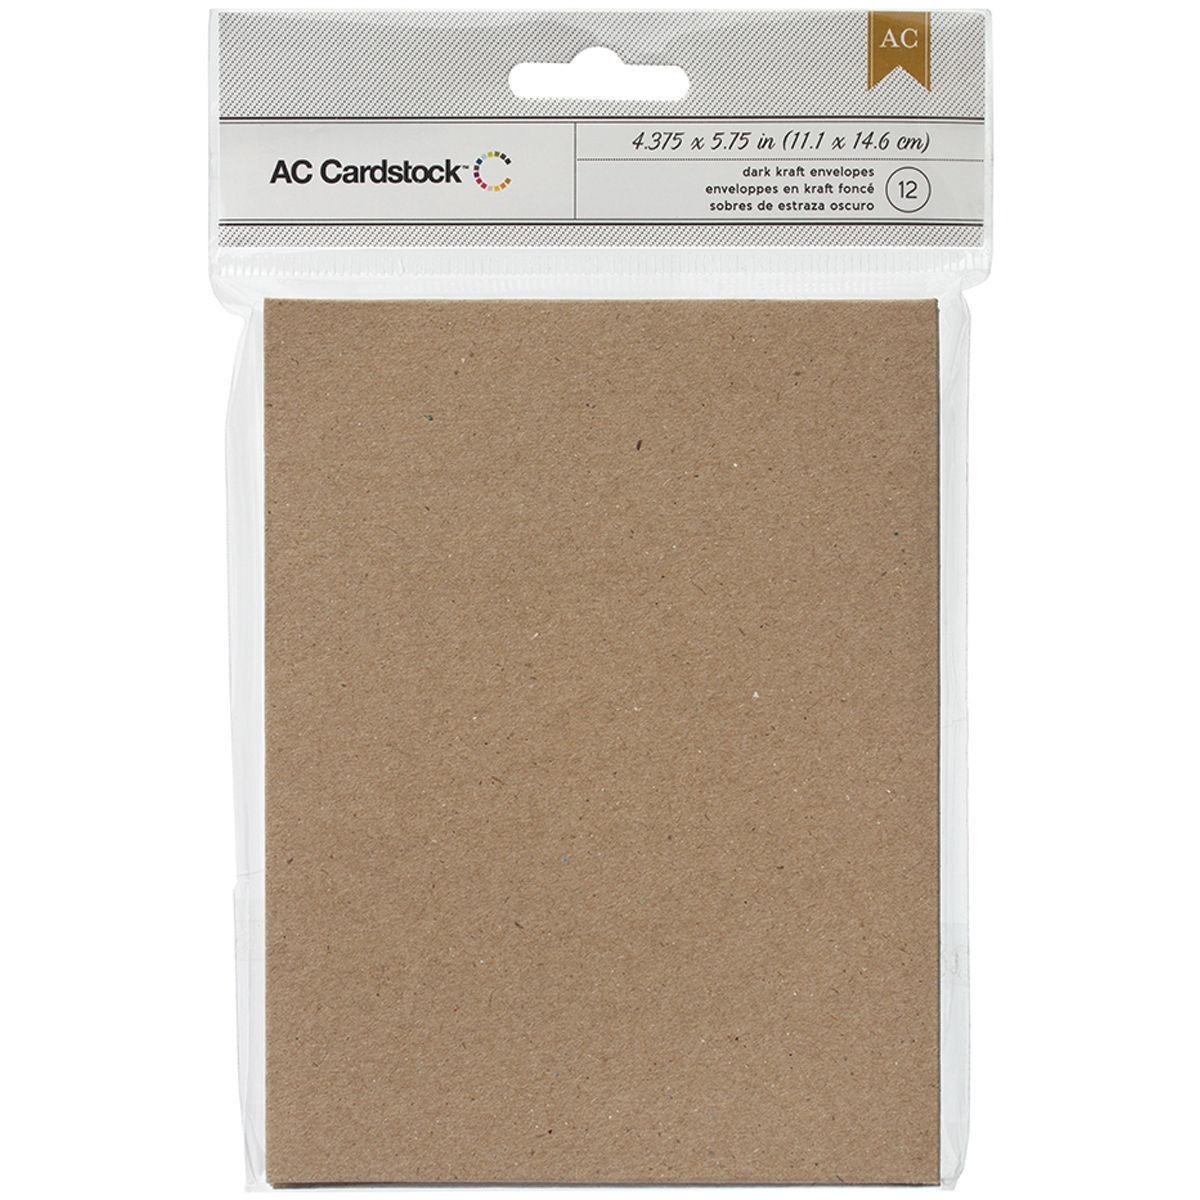 Краф конверт (штучно)